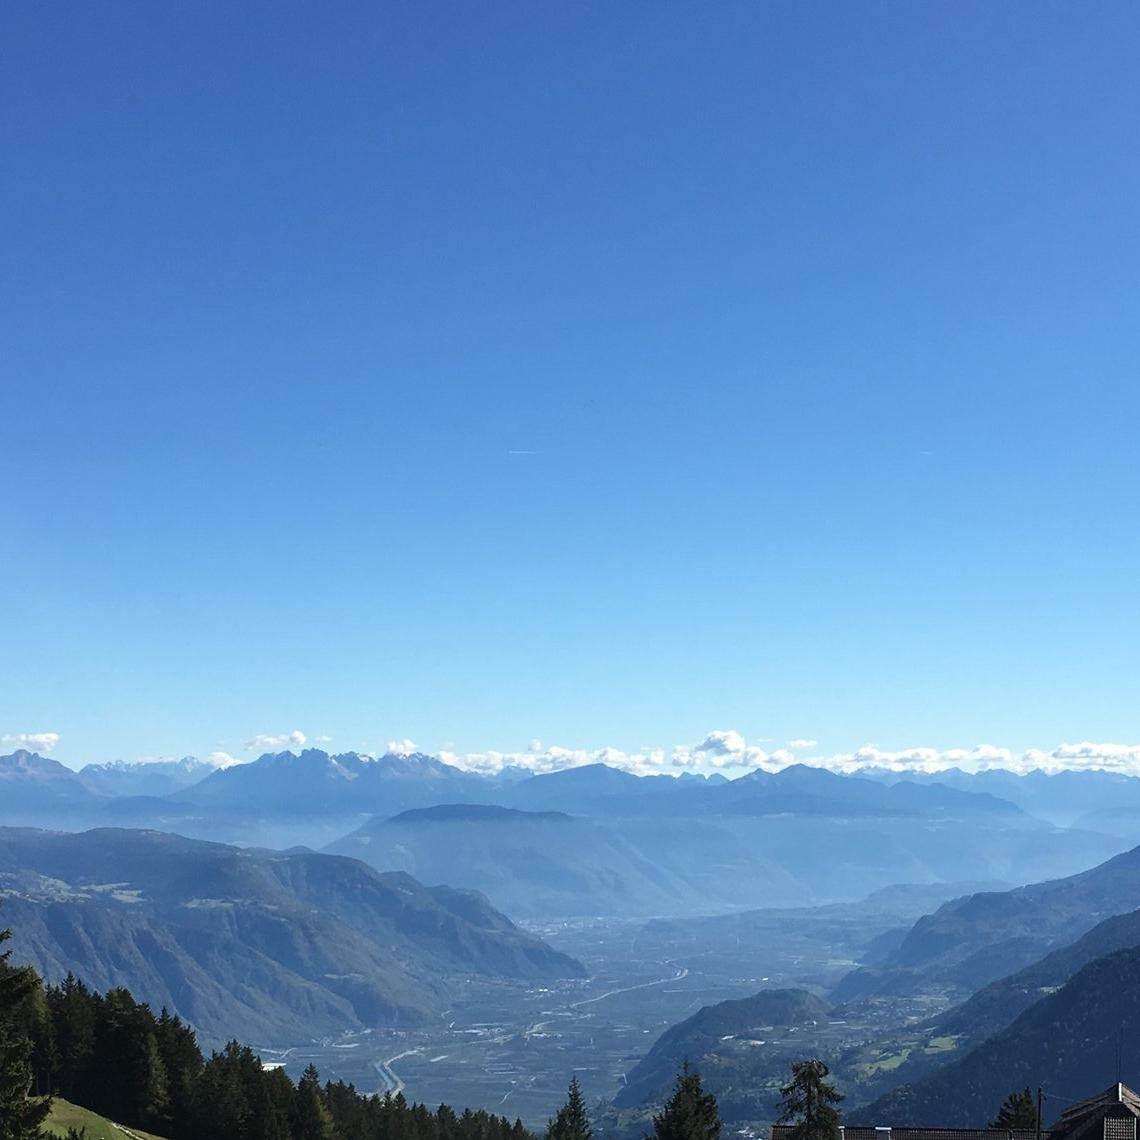 Al fondo se ve el paisaje de la cadena de montañas conocidas como Dolomitas declaradas Patrimonio de la Humanidad por la UNESCO. Razón de más para hacer una segunda visita a la región. Foto: Bruny Nieves